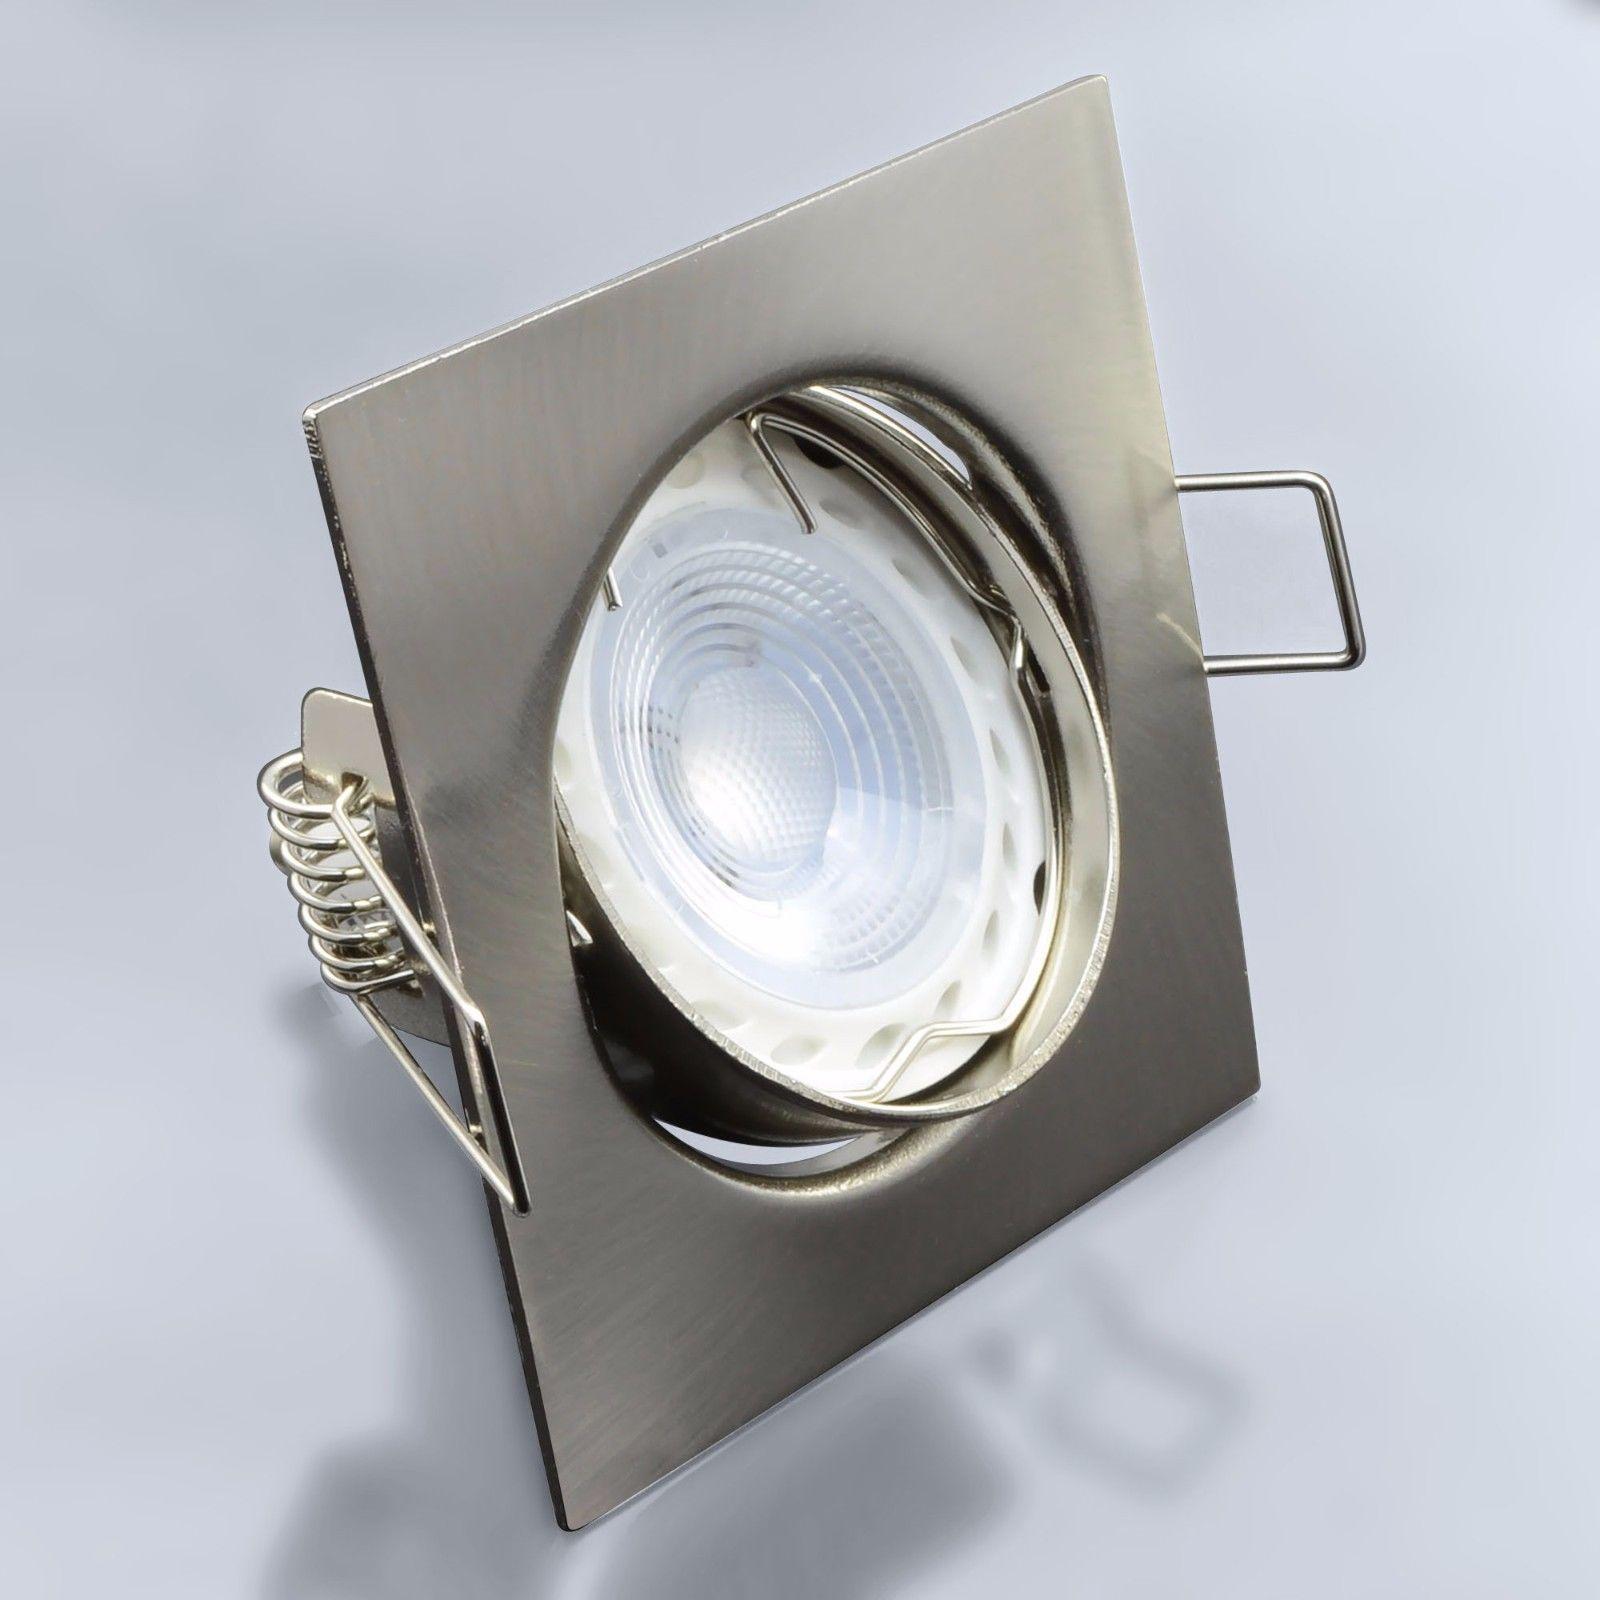 Einbaustrahler Einbauleuchte Spot Schwenkbar LED 3W SMD GU10 Einbauspot 104